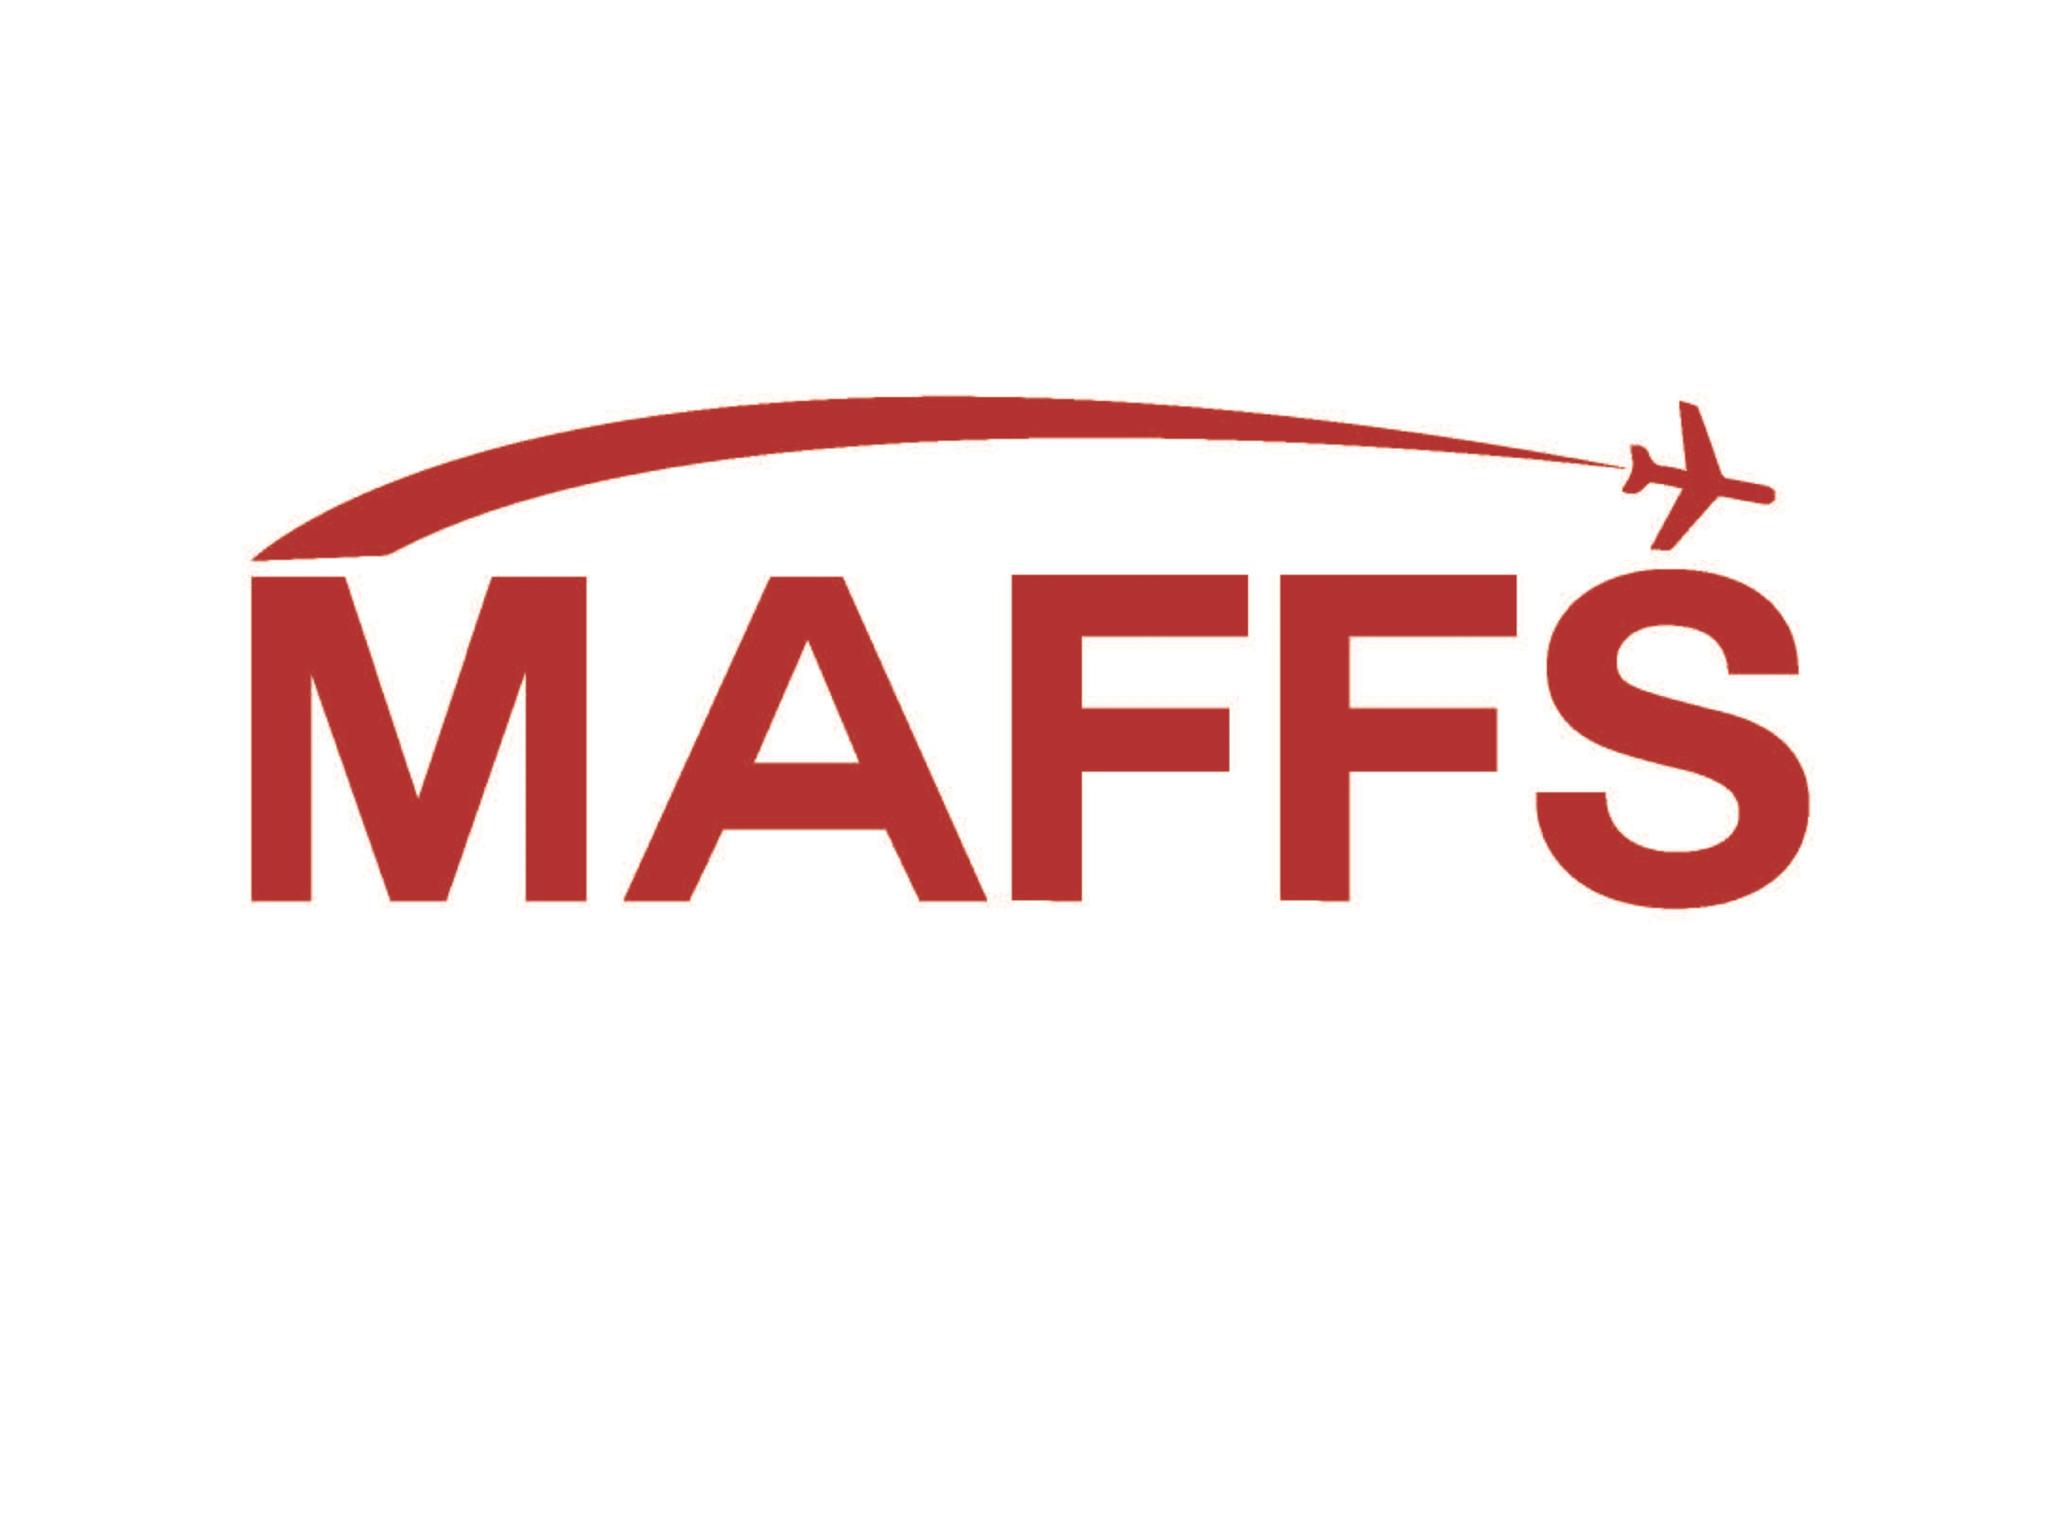 MAFFS.com